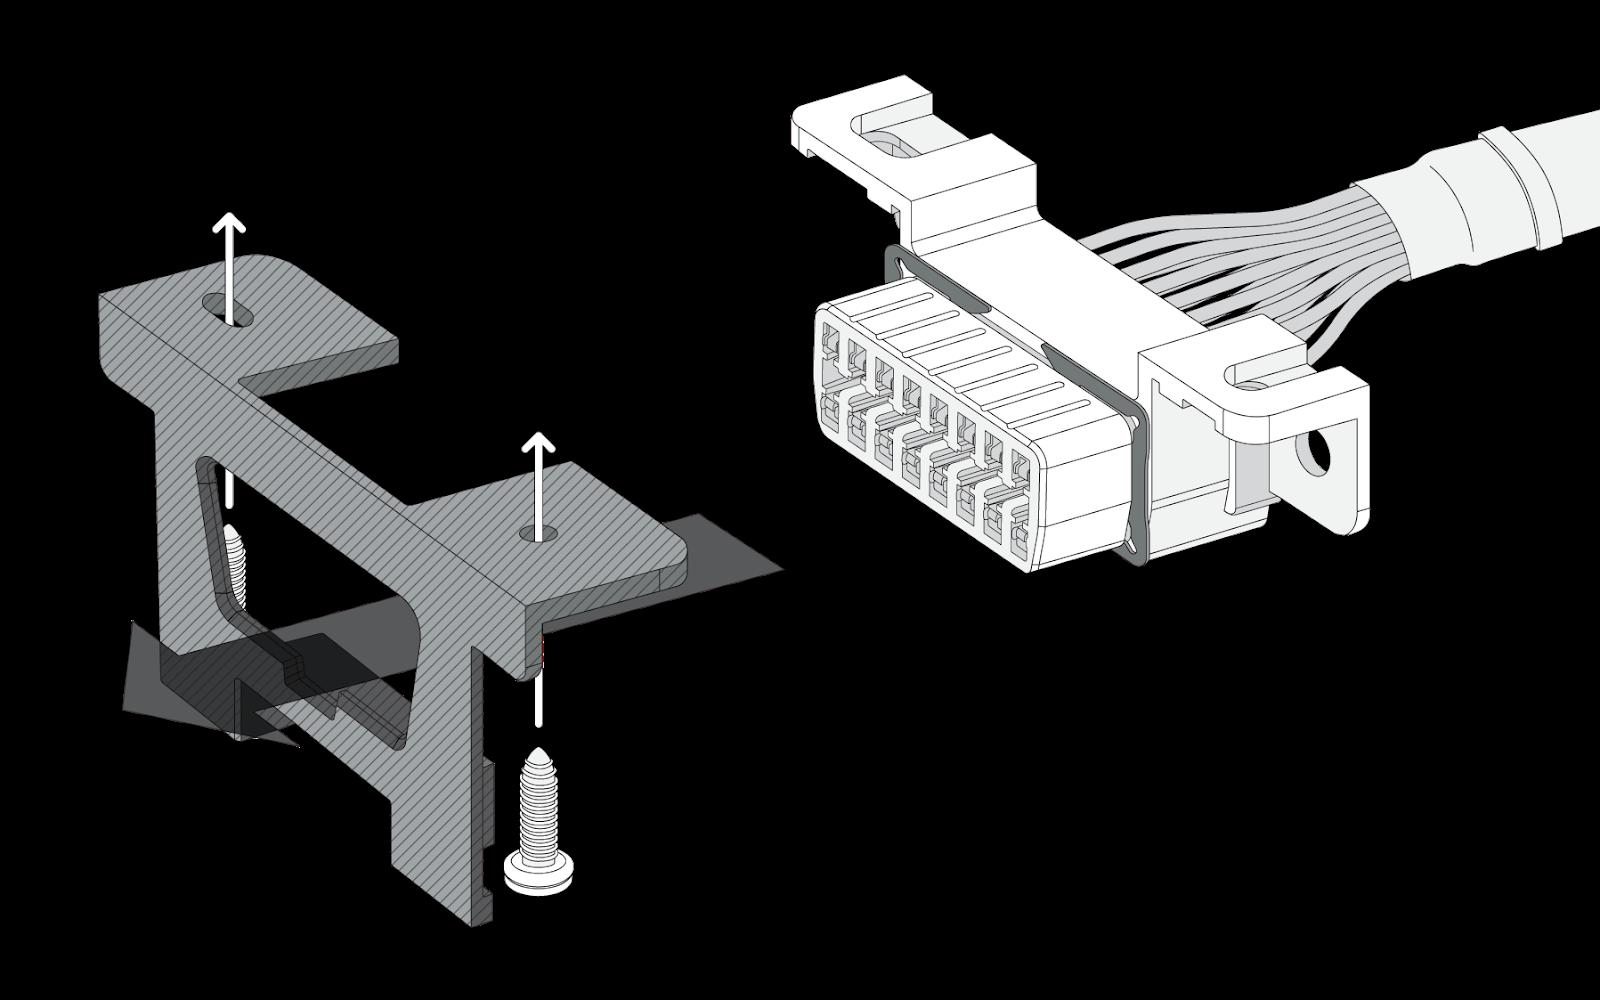 universal-harness-setup-figure3-B2(no-rotation-icons).png